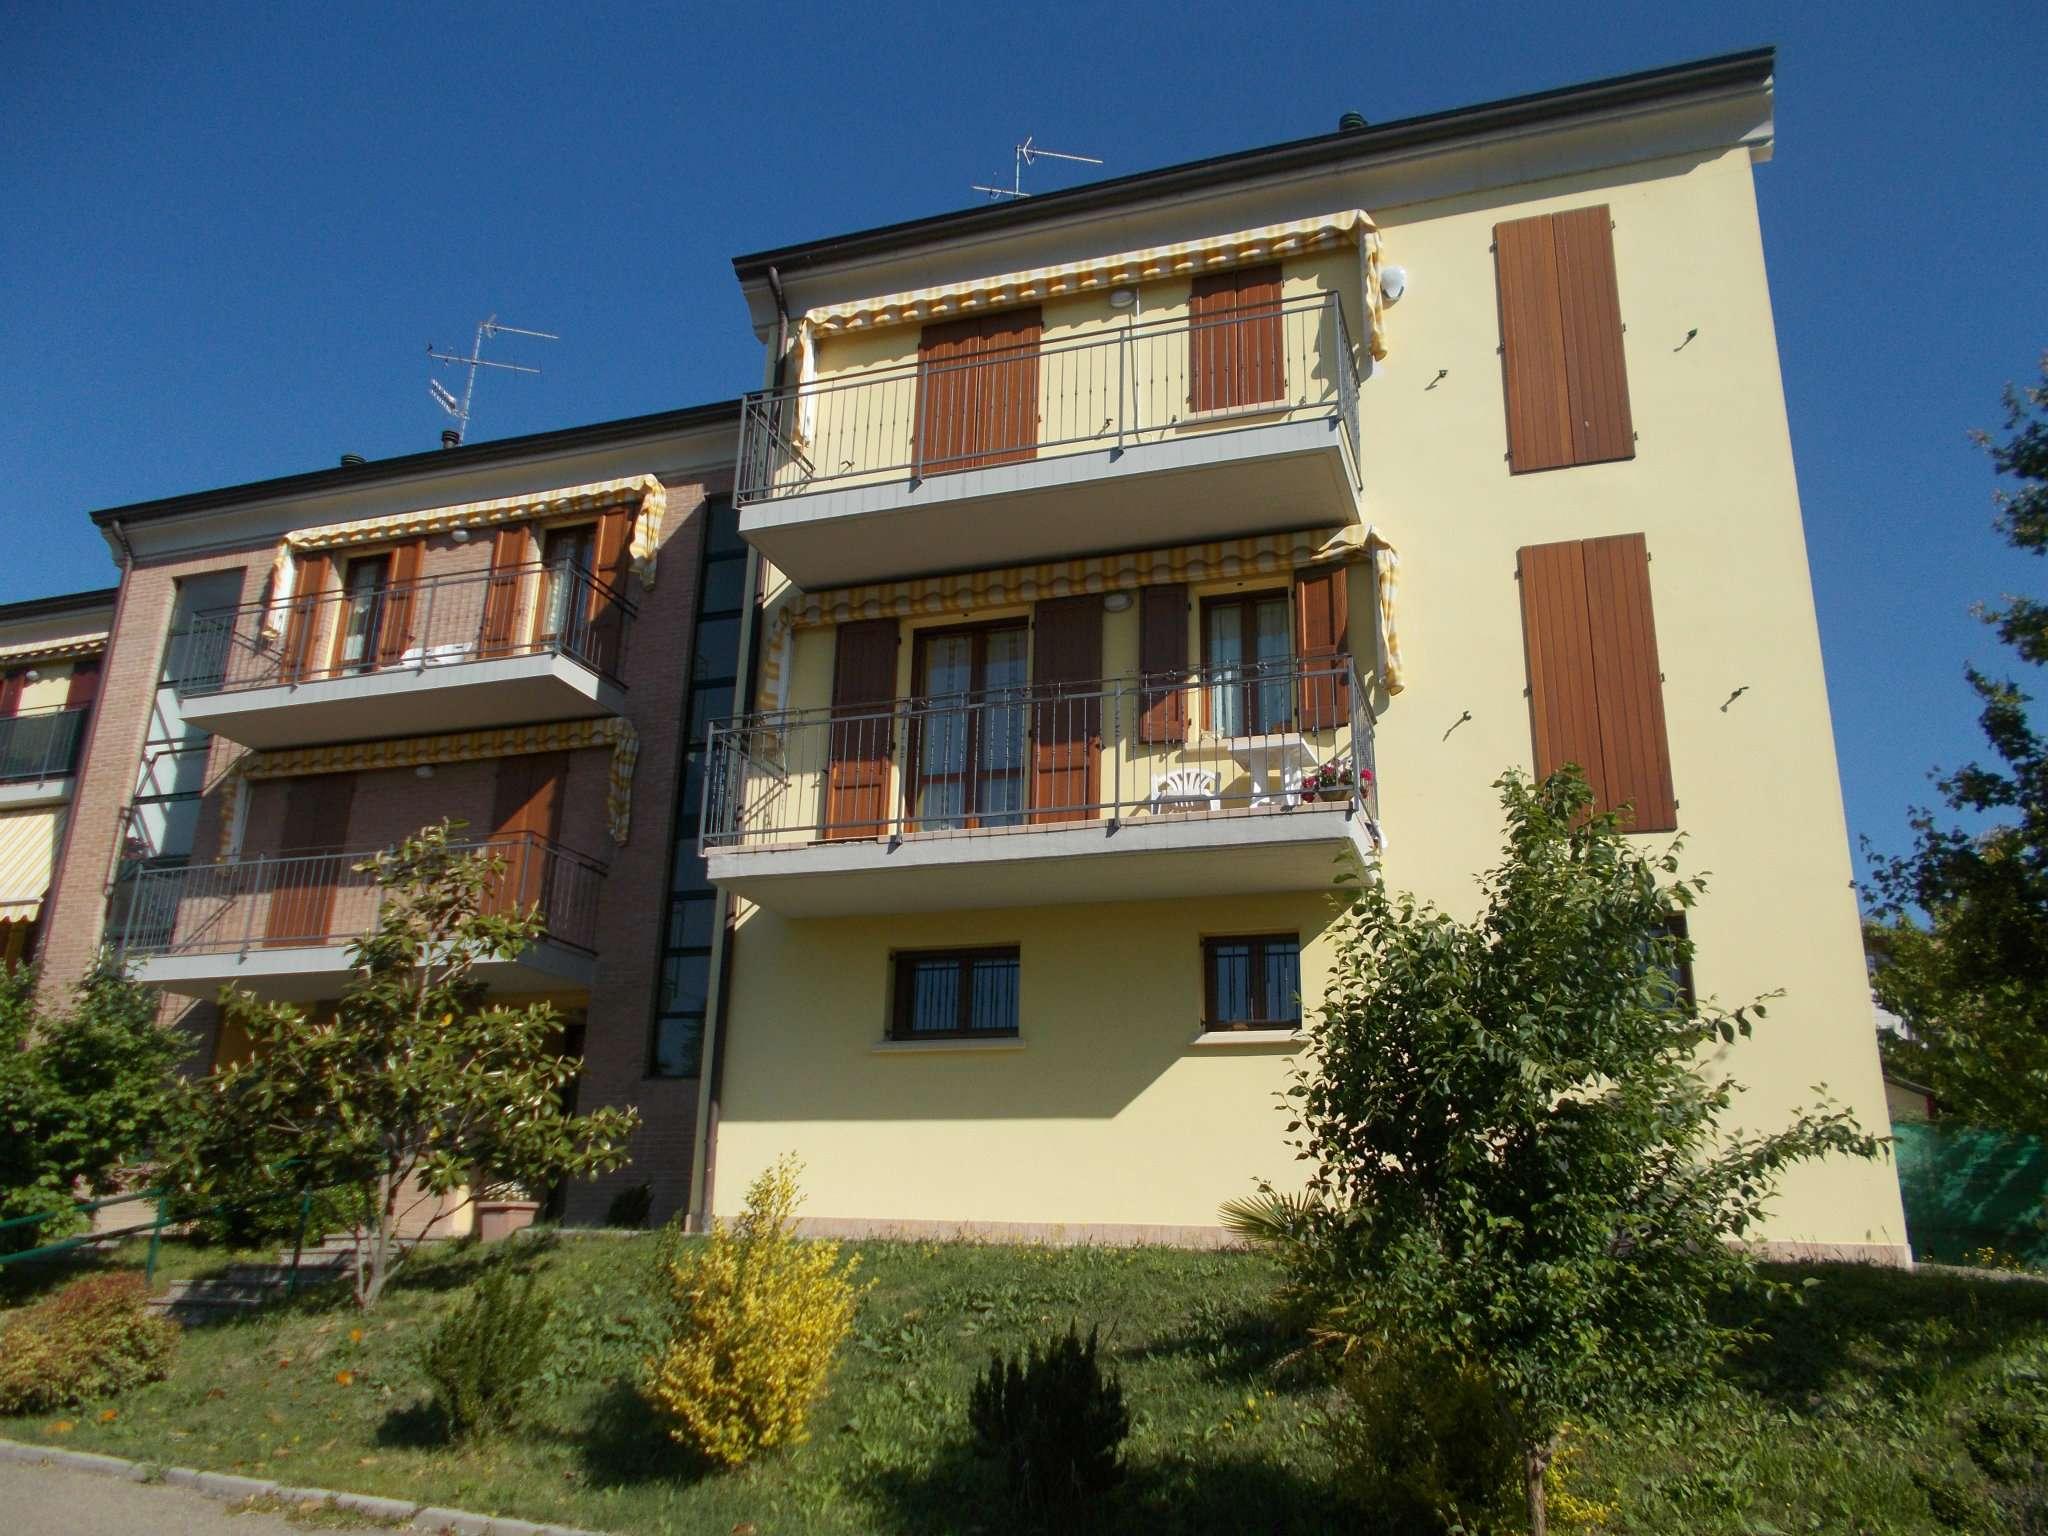 Appartamento in vendita a Vezzano sul Crostolo, 2 locali, prezzo € 72.000 | CambioCasa.it